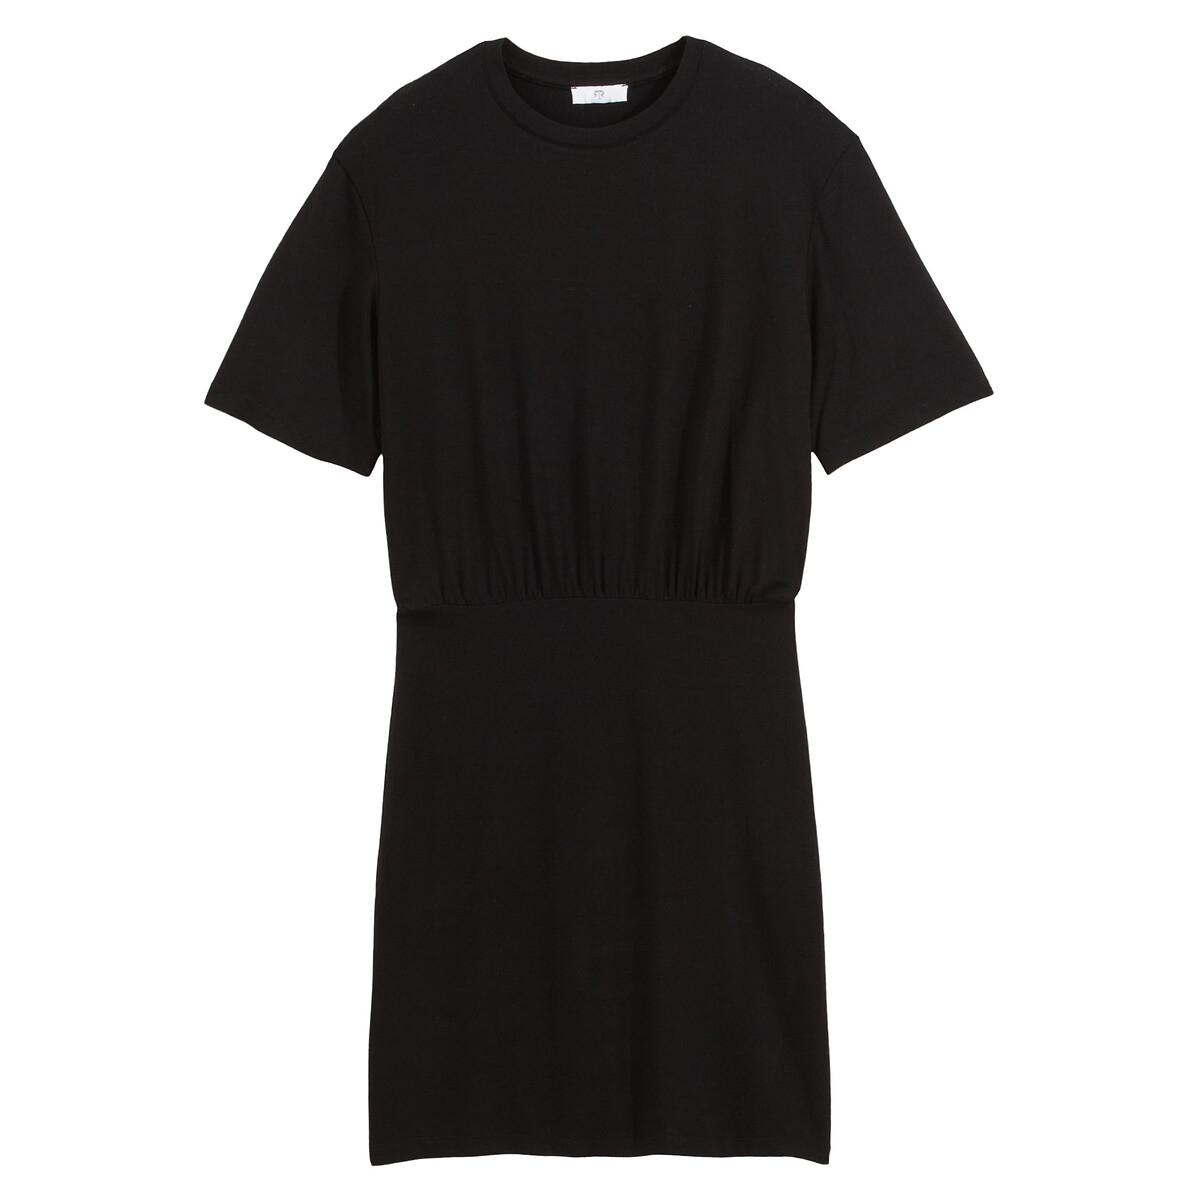 Vestido curto e liso tipo t-shirt, de mangas curtas